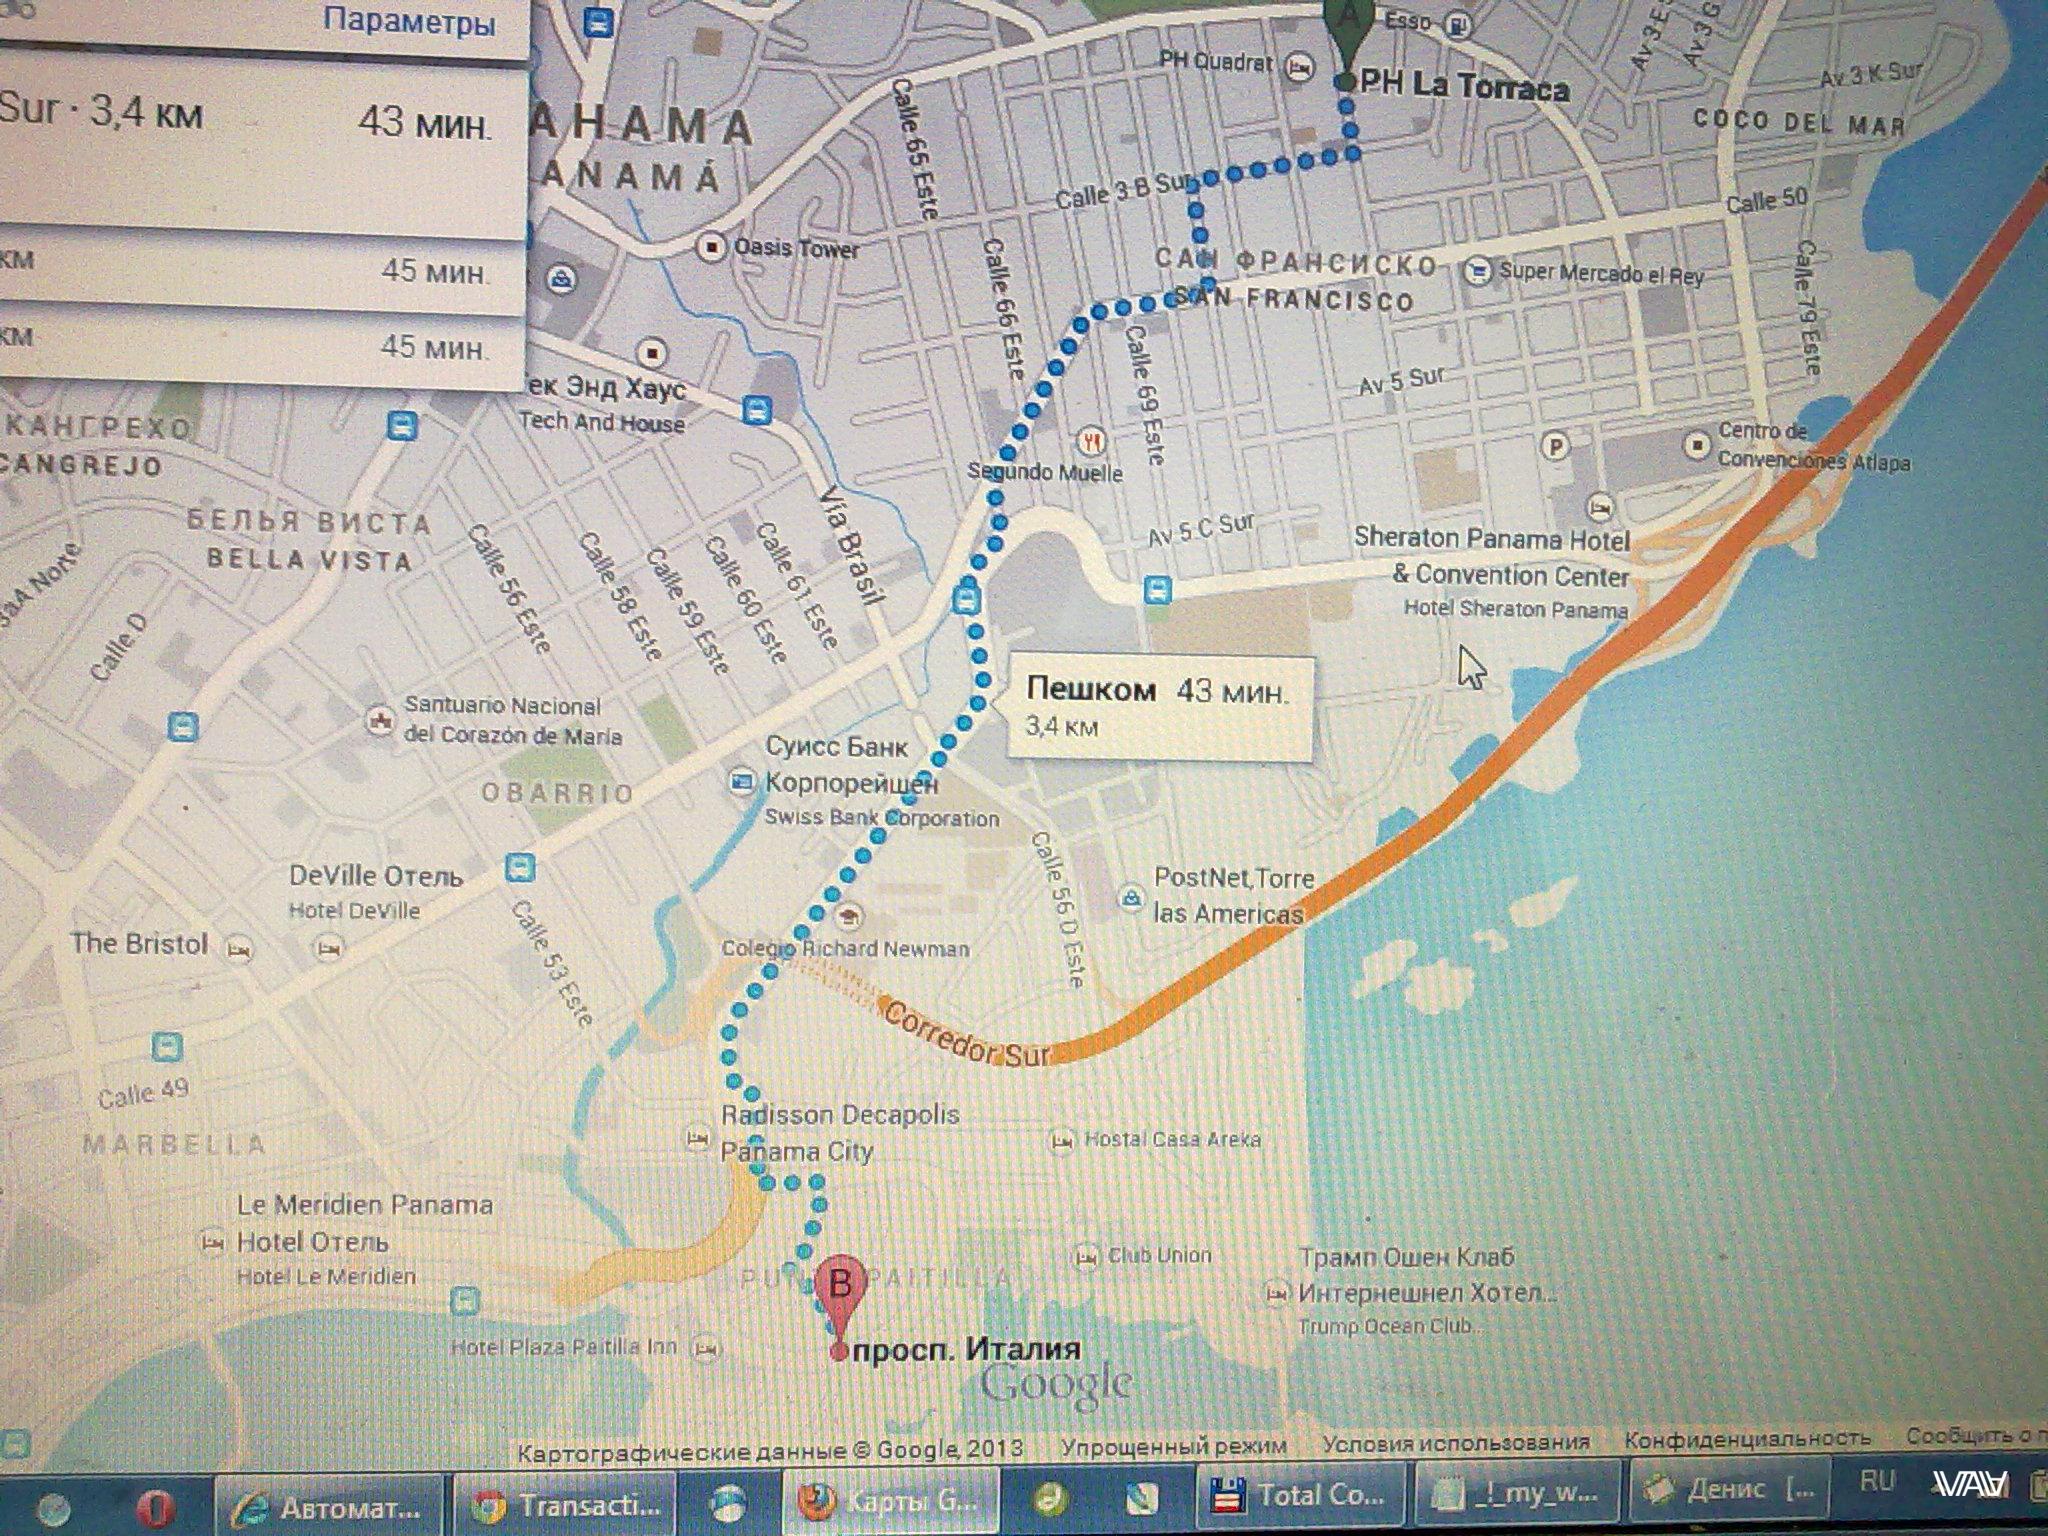 Экономя на такси, до посольства я иду пешком. Интернета нет вне дома, поэтому карту фотографирую. Панама Сити, Панама